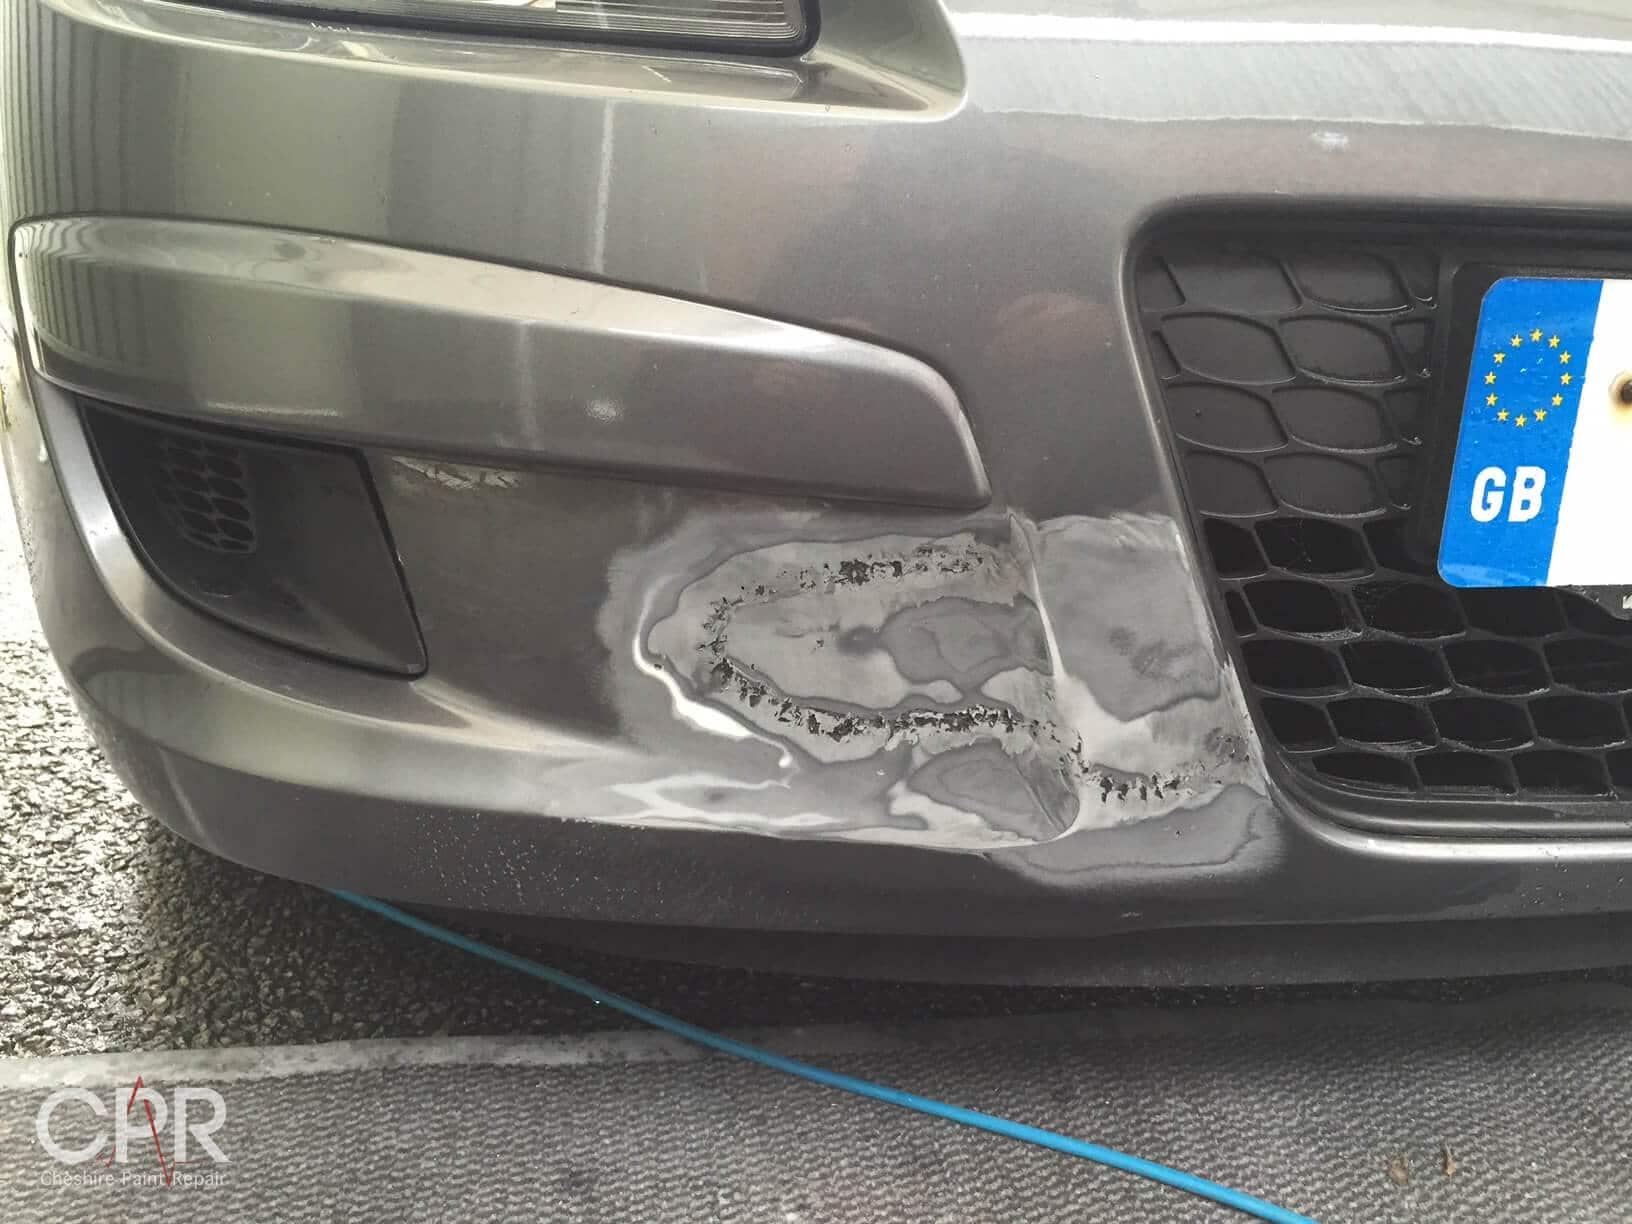 Hyundai I30 Cracked Front Bumper Repair Work Cheshire